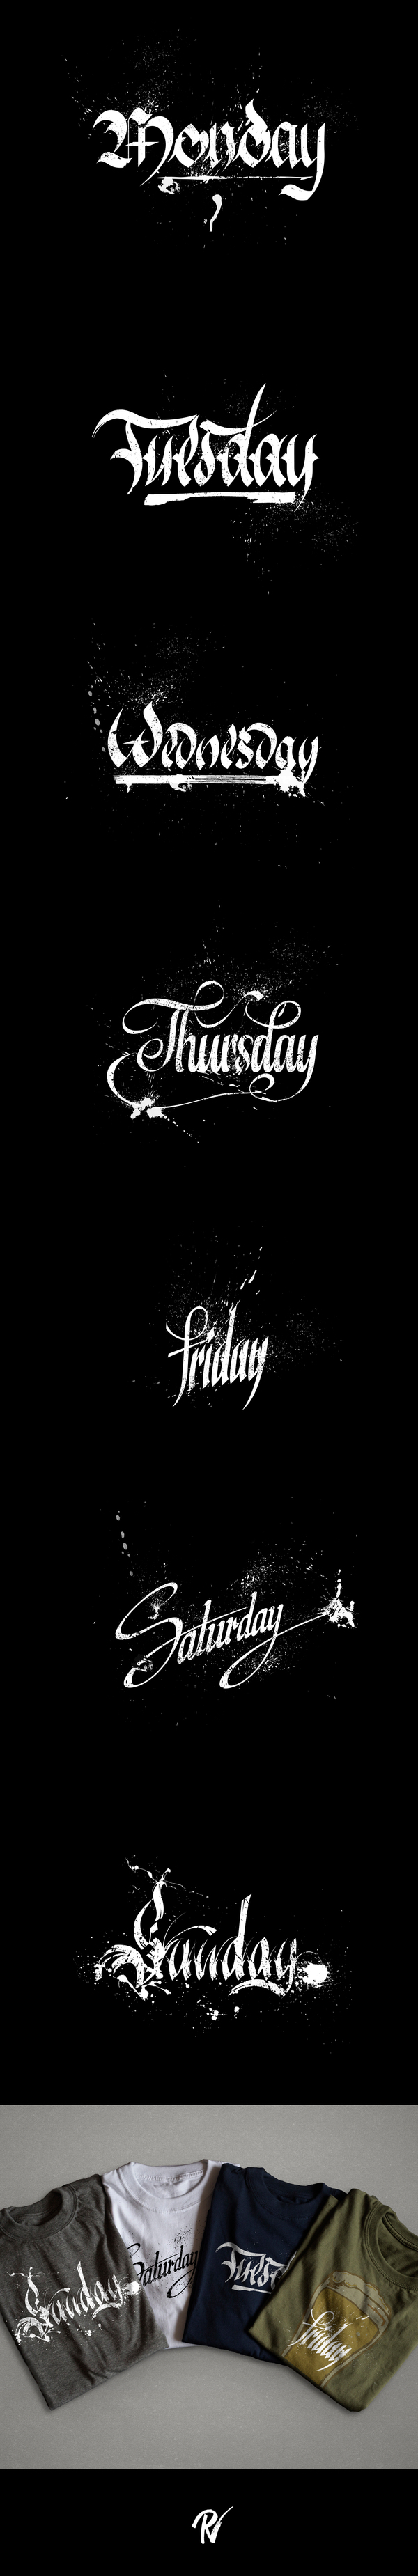 Немного пятничной каллиграфии Каллиграфия, Photoshop, Буквы, Принт, Длиннопост